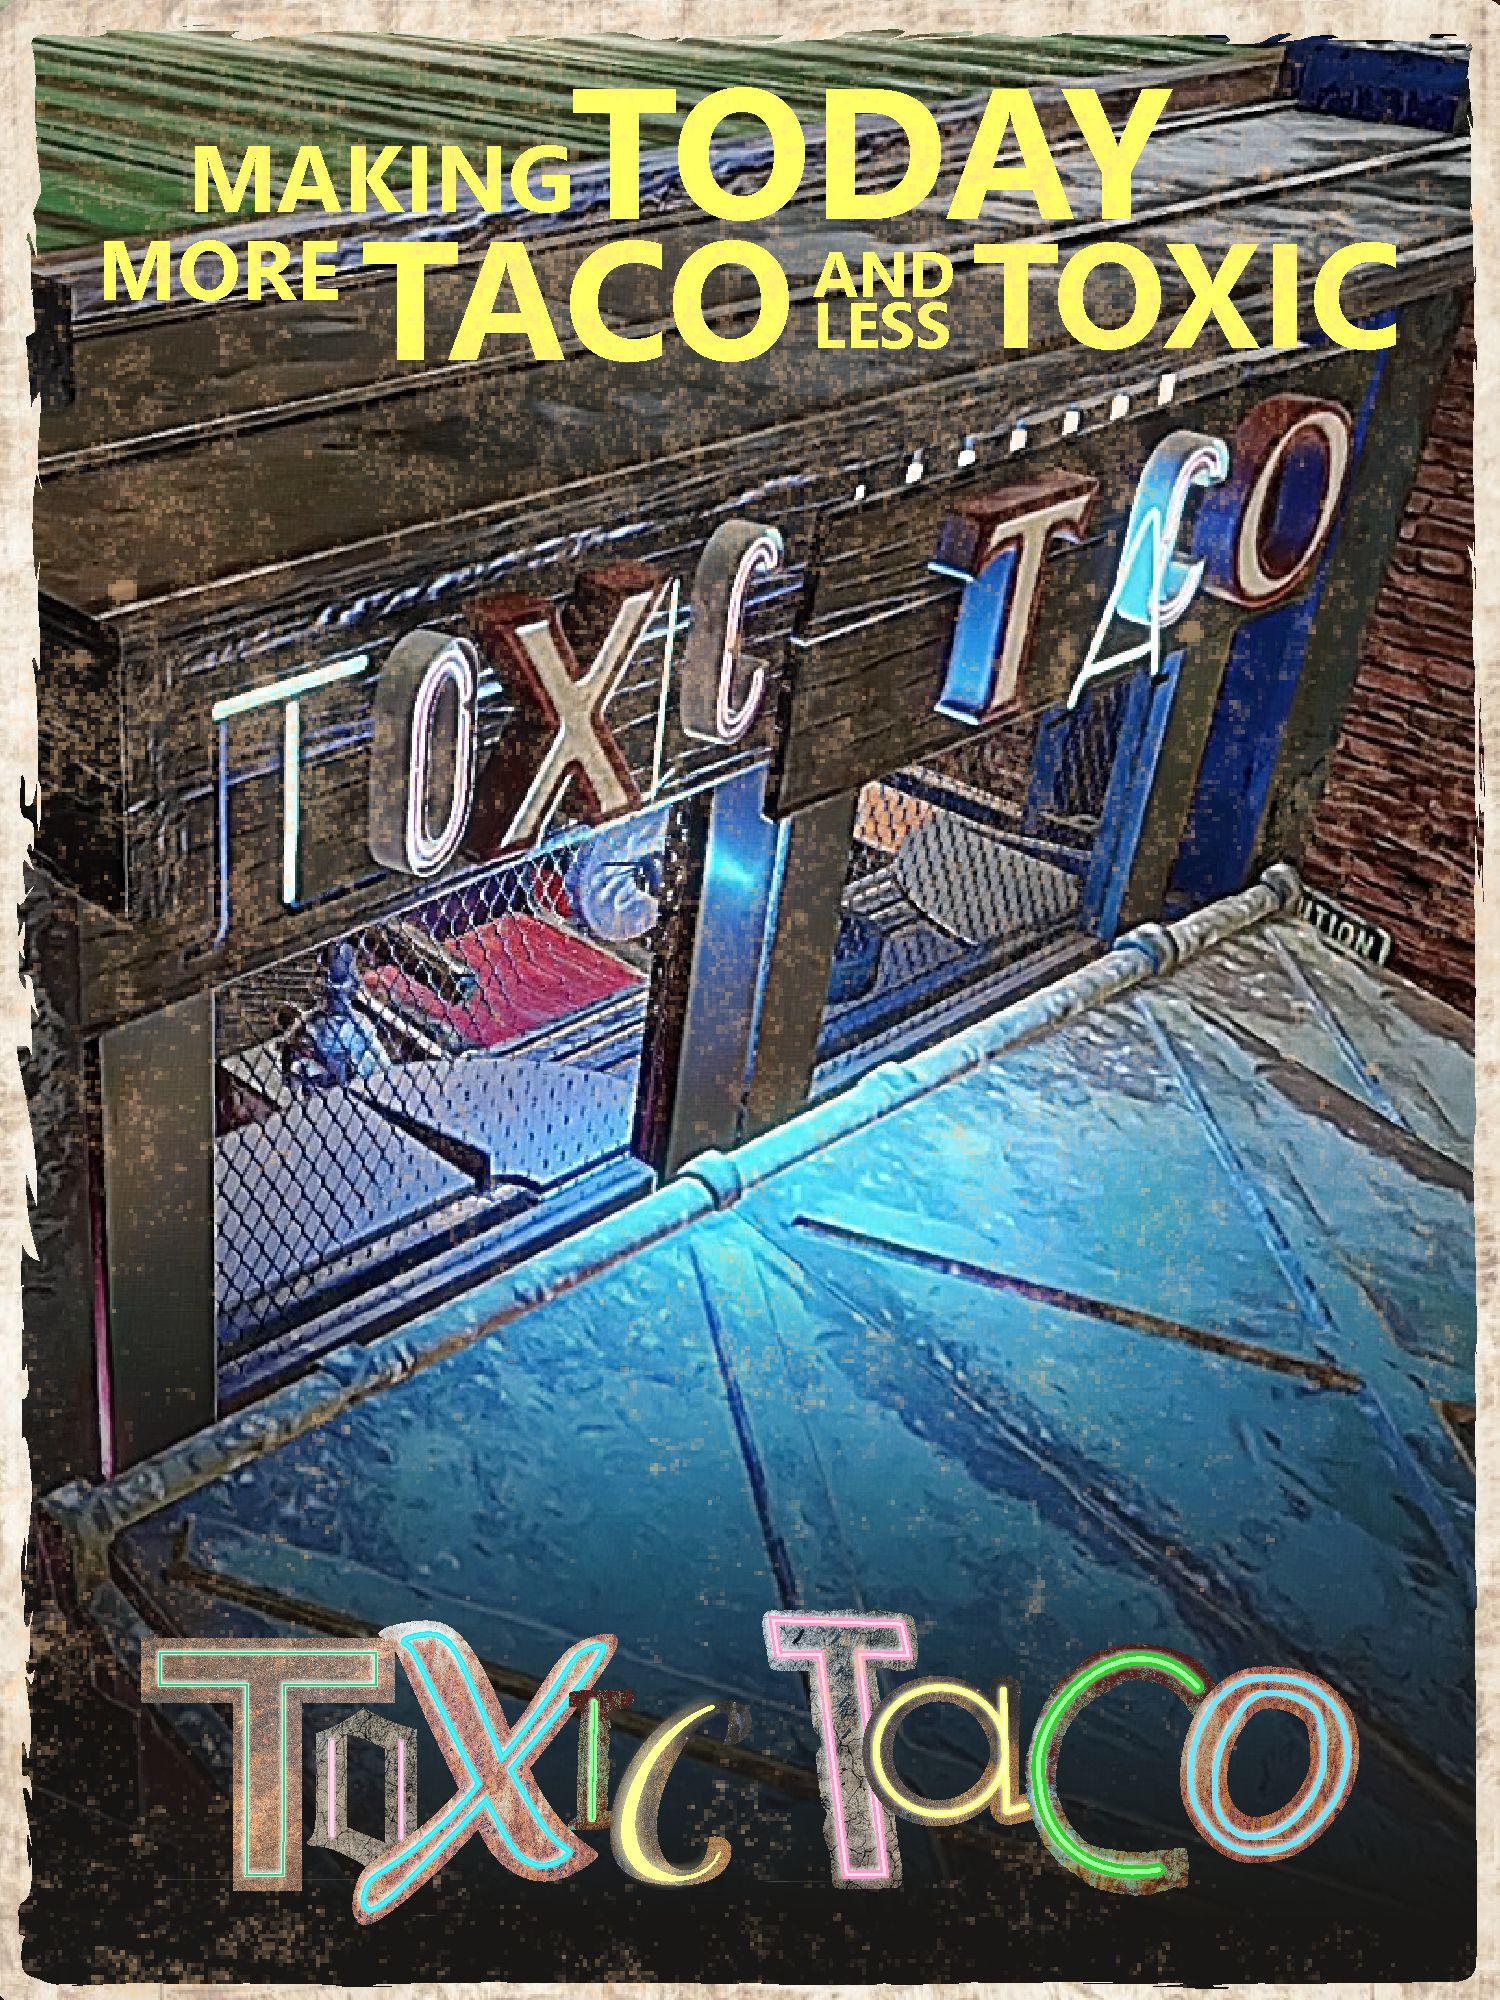 Toxic Taco truck